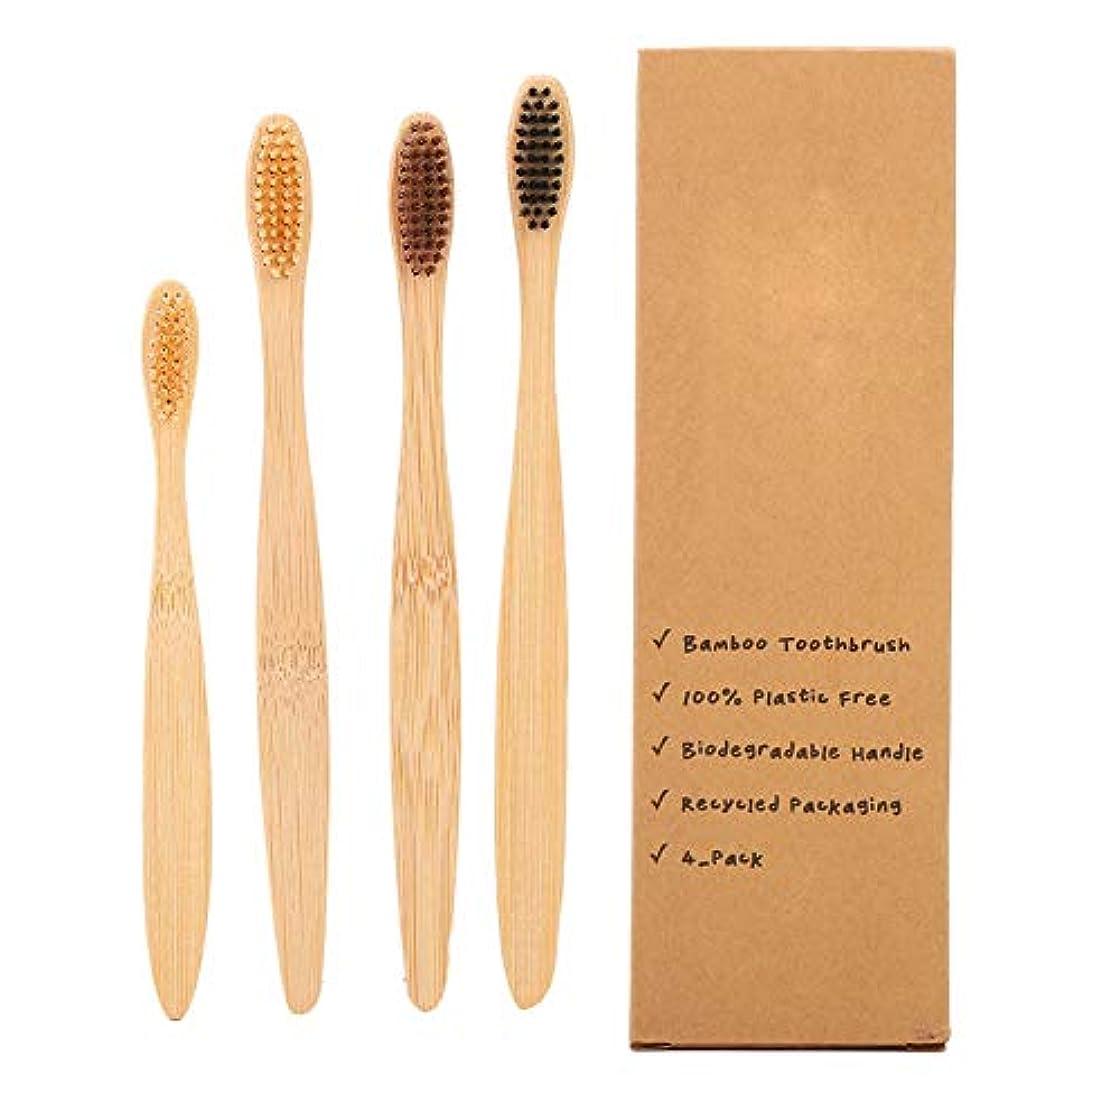 元気バス酸っぱい柔らかい歯ブラシ、4本の柔らかい毛の木の歯ブラシディープクリーニング環境に優しい歯ブラシ歯ケアツール